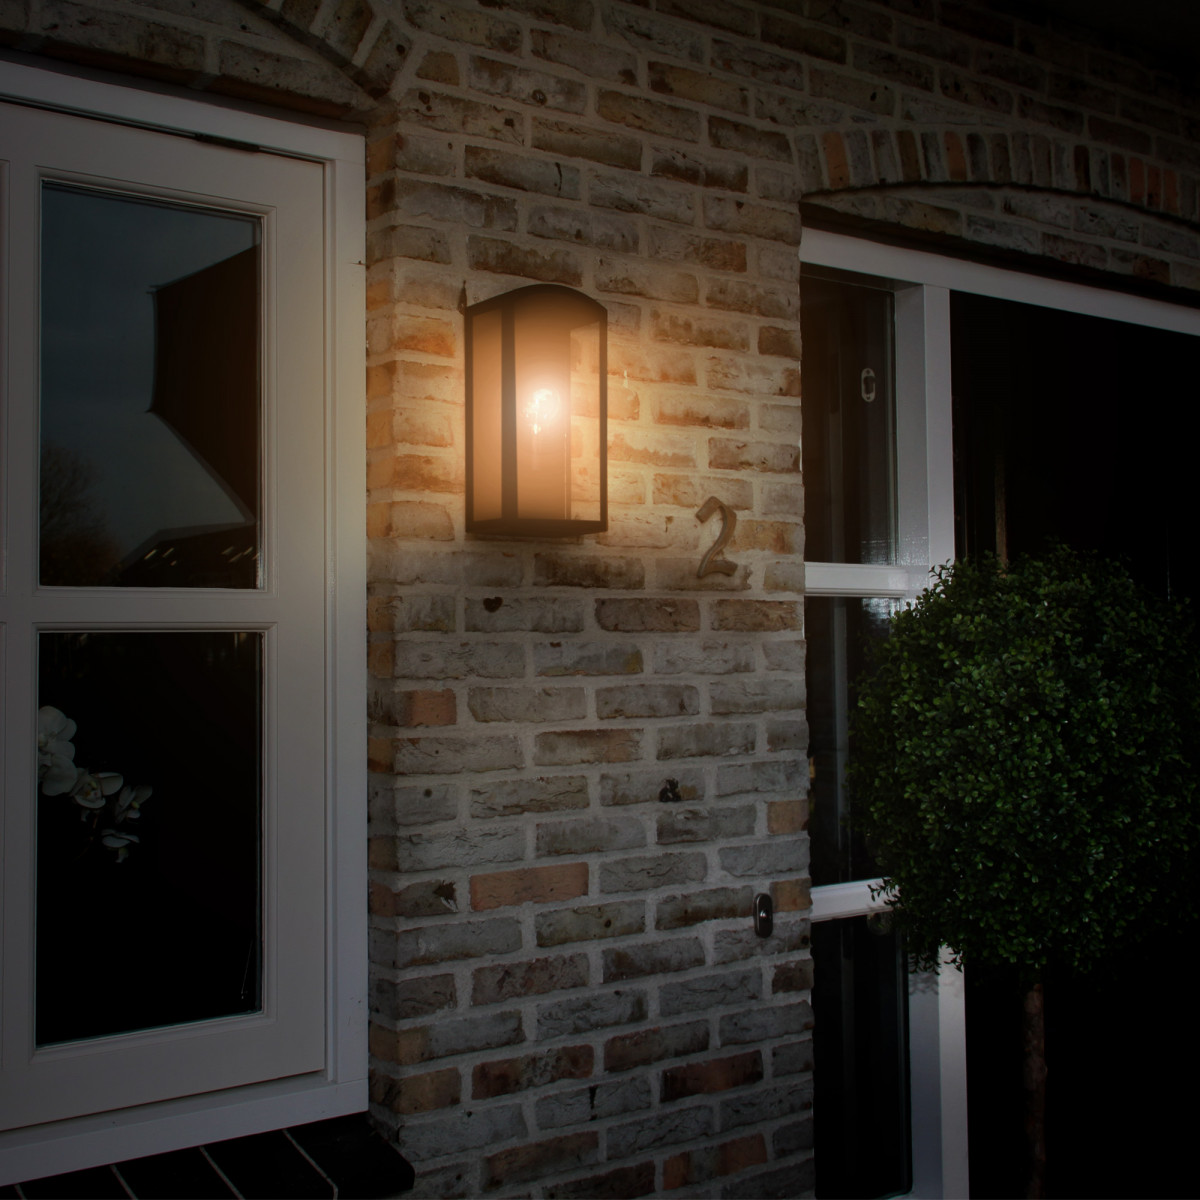 Zwarte wandlamp voor buiten met grote heldere beglazing, strak modern met een klassiek karakter, gevellamp met vlakke achterzijde